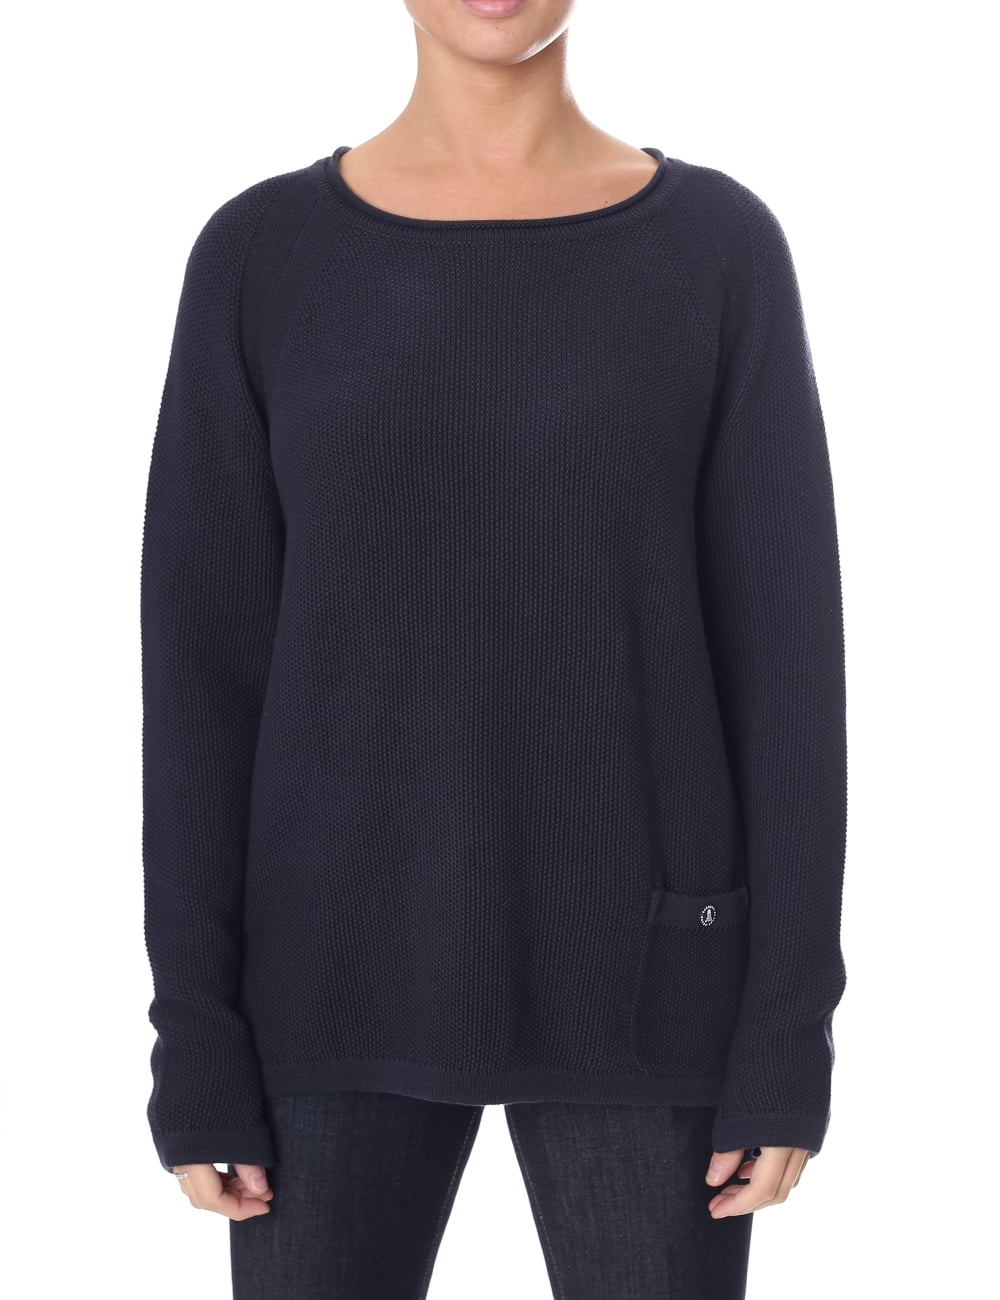 559758ed2580 Barbour Women s Pembrey Knit Jumper